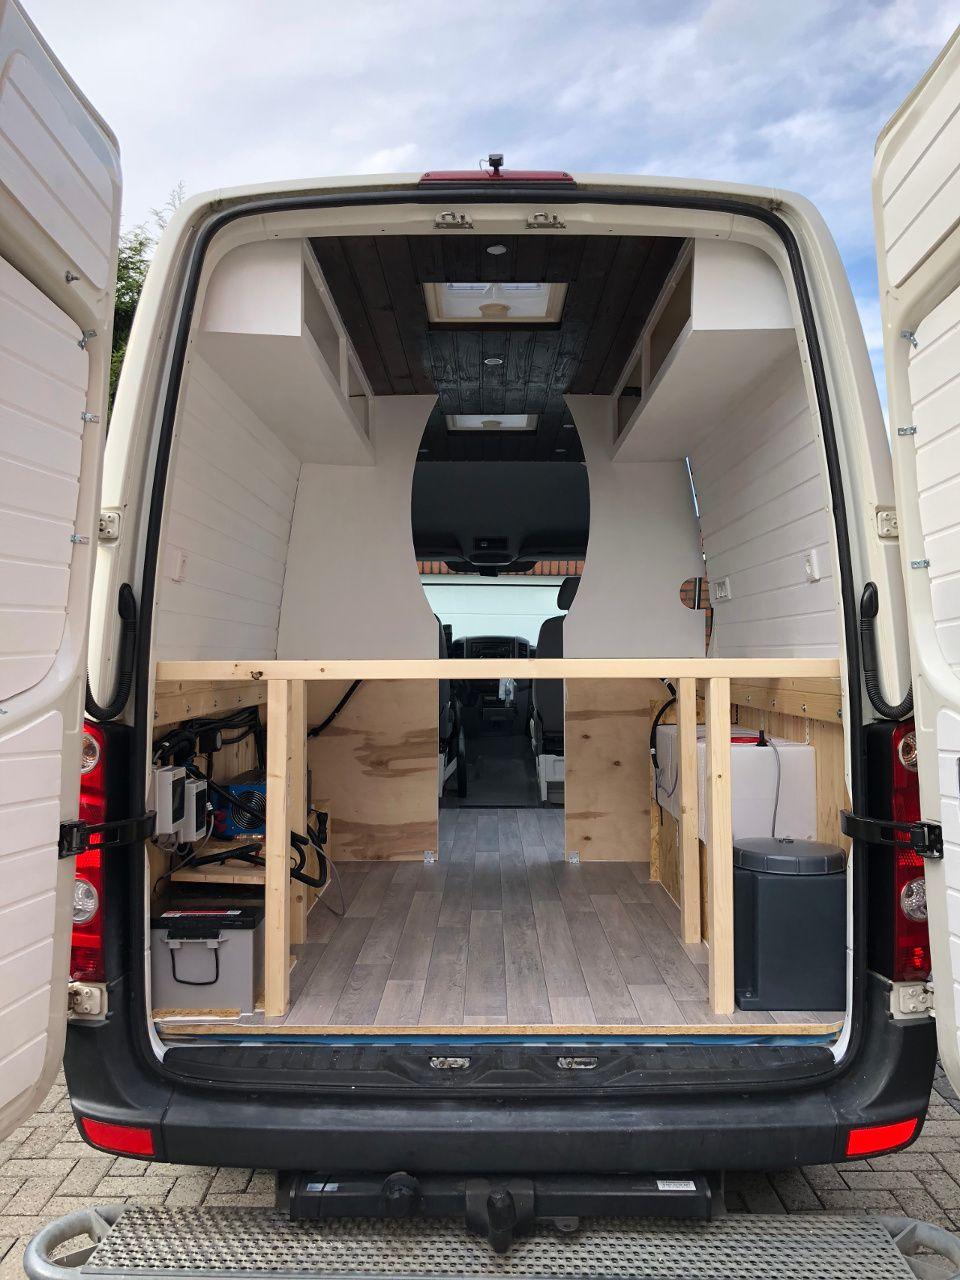 VW Crafter Umbau: Vom Transporter zum Campervan in nur 8 Monaten